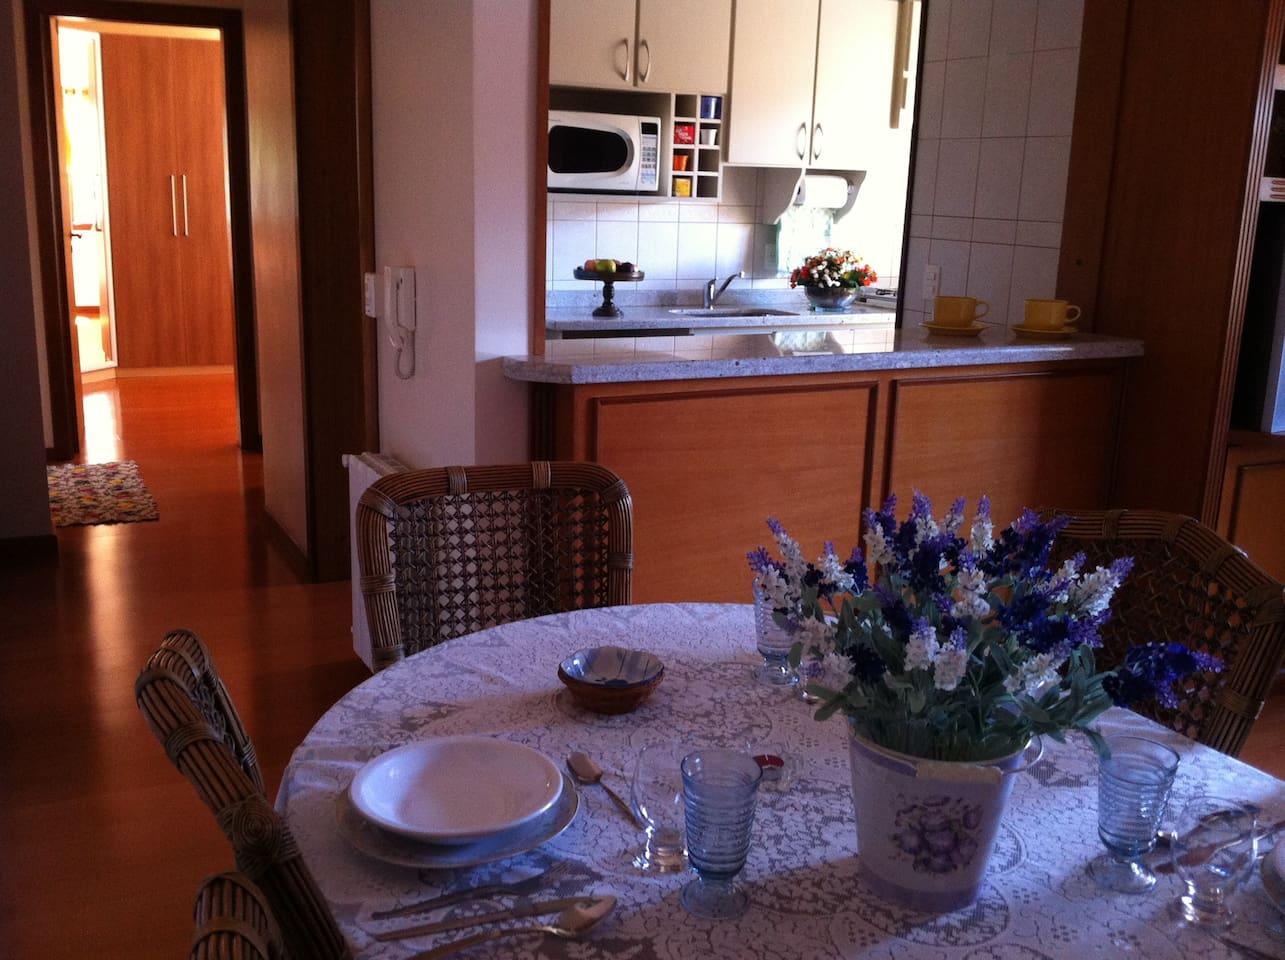 Visão da Sala de Estar com mesa de jantar, cozinha americana com churrasqueira, geladeira, microondas, lavanderia e quarto de casal ao fundo.